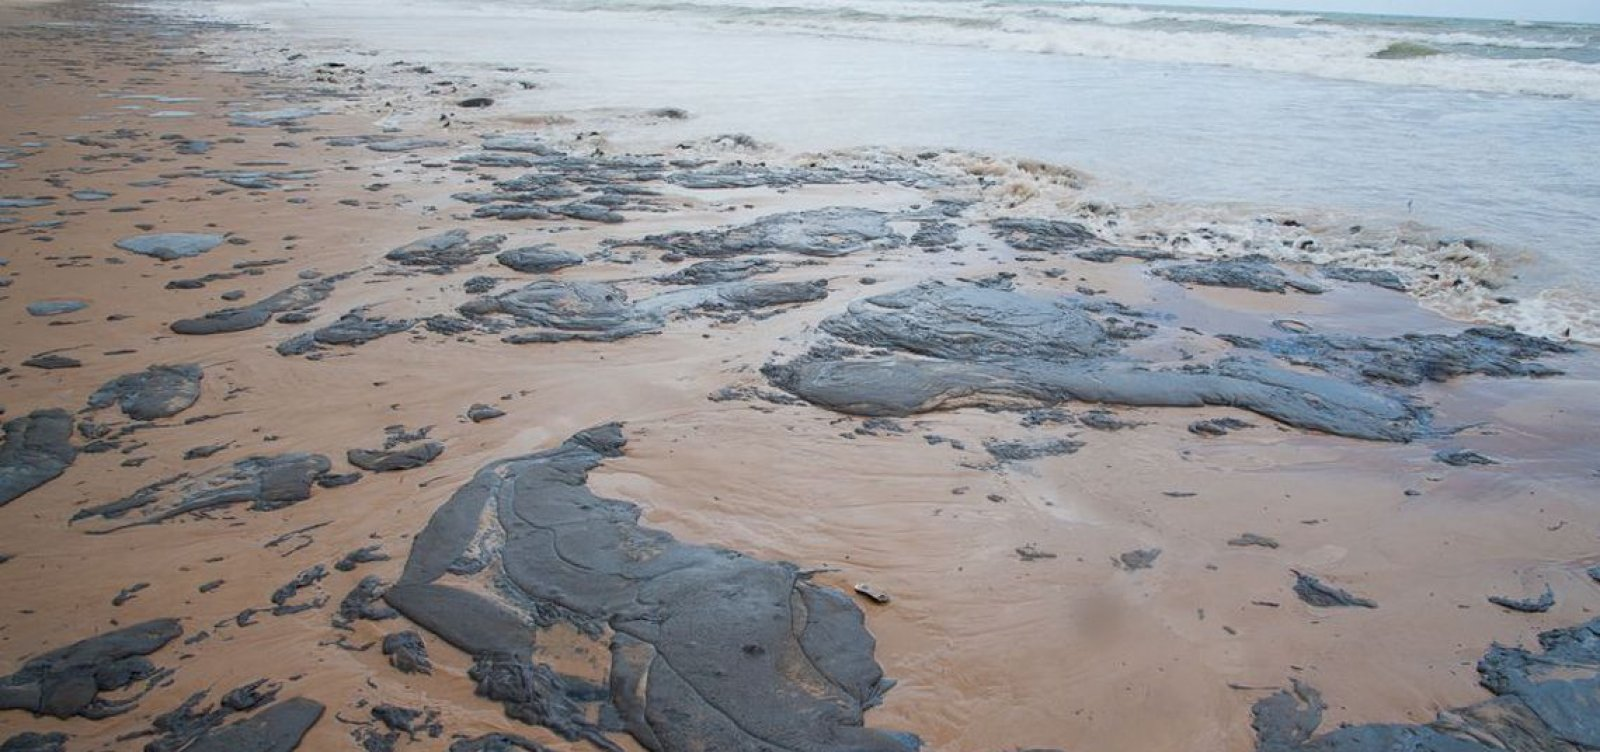 [Petrobras já retirou mais de 200 toneladas de óleo das praias do Nordeste]